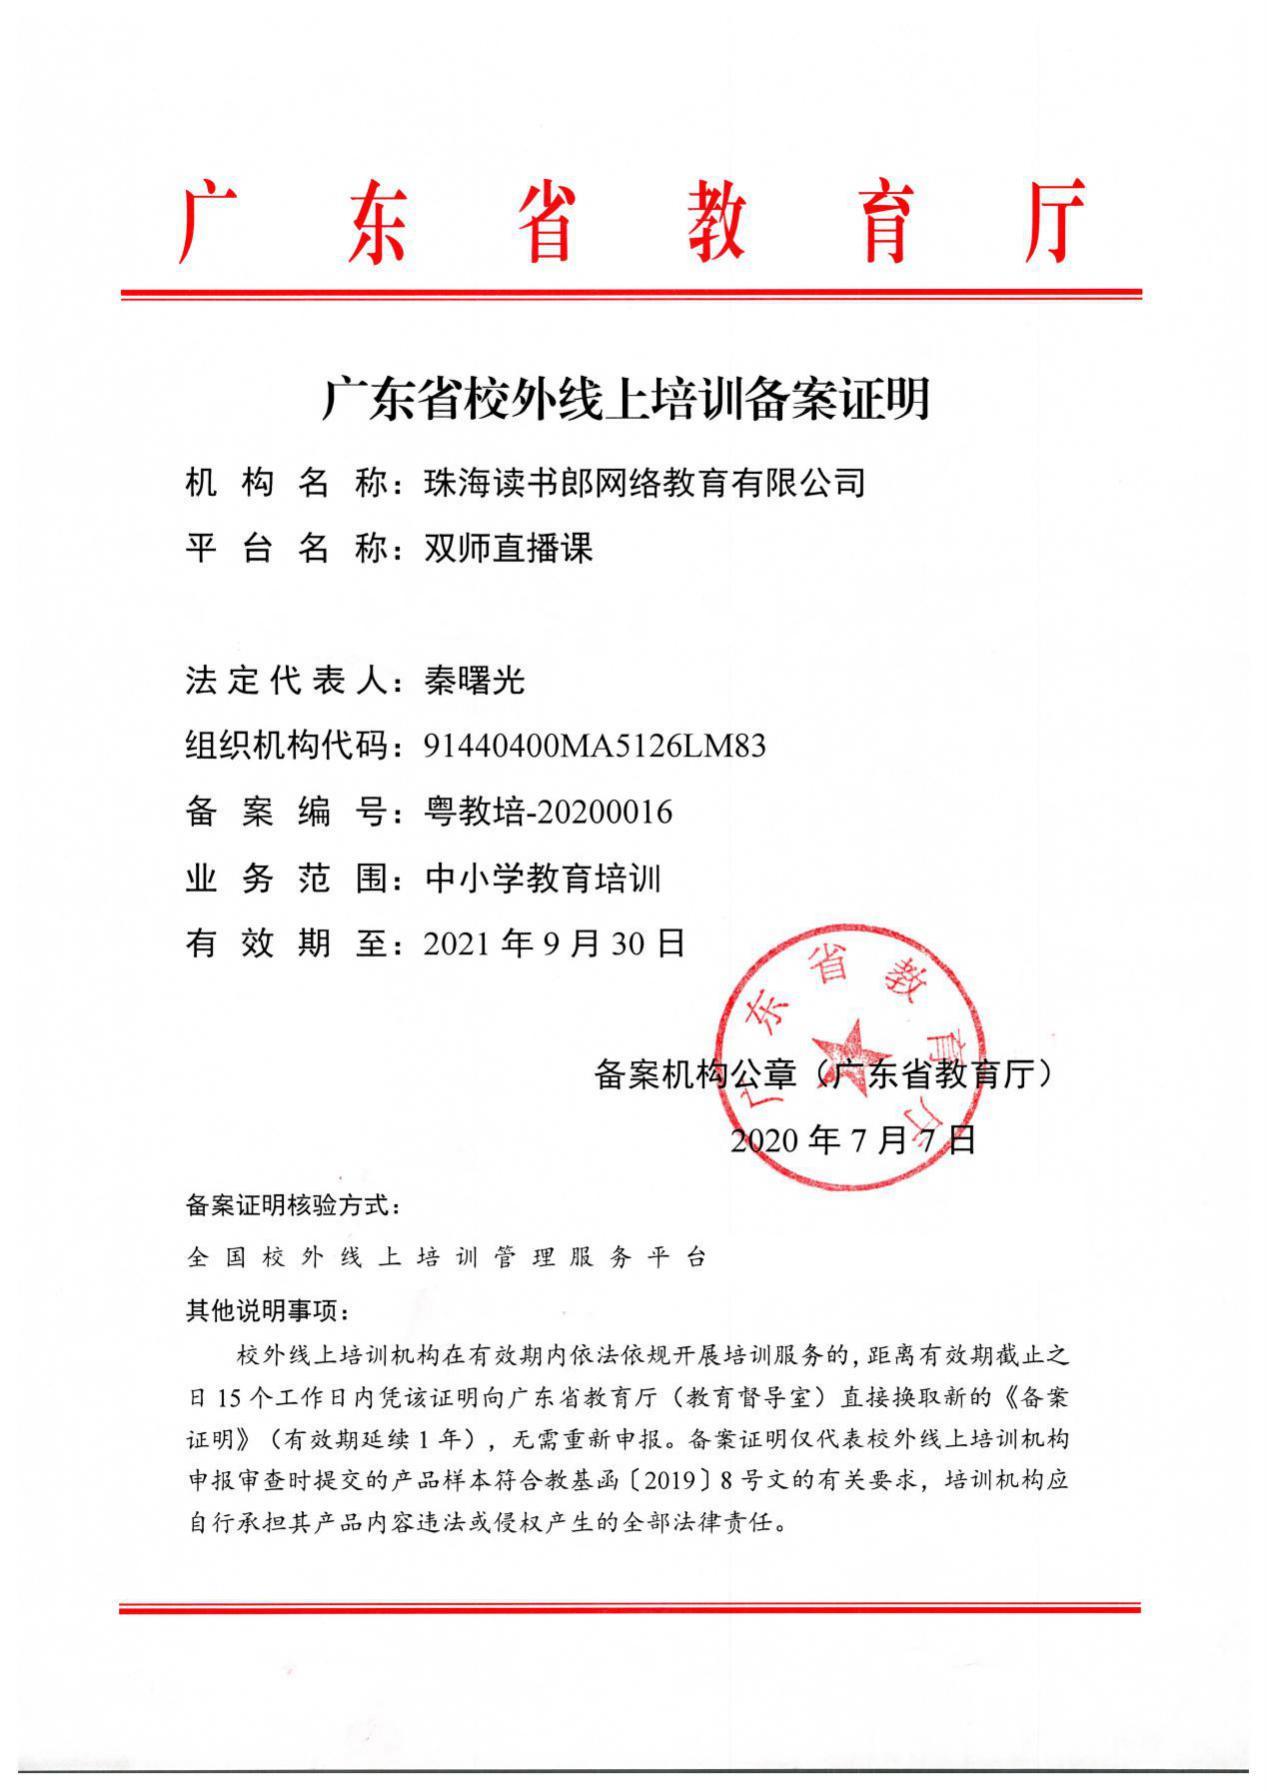 读书郎双师直播课7月通过广东省教育厅《校外线上培训备案》